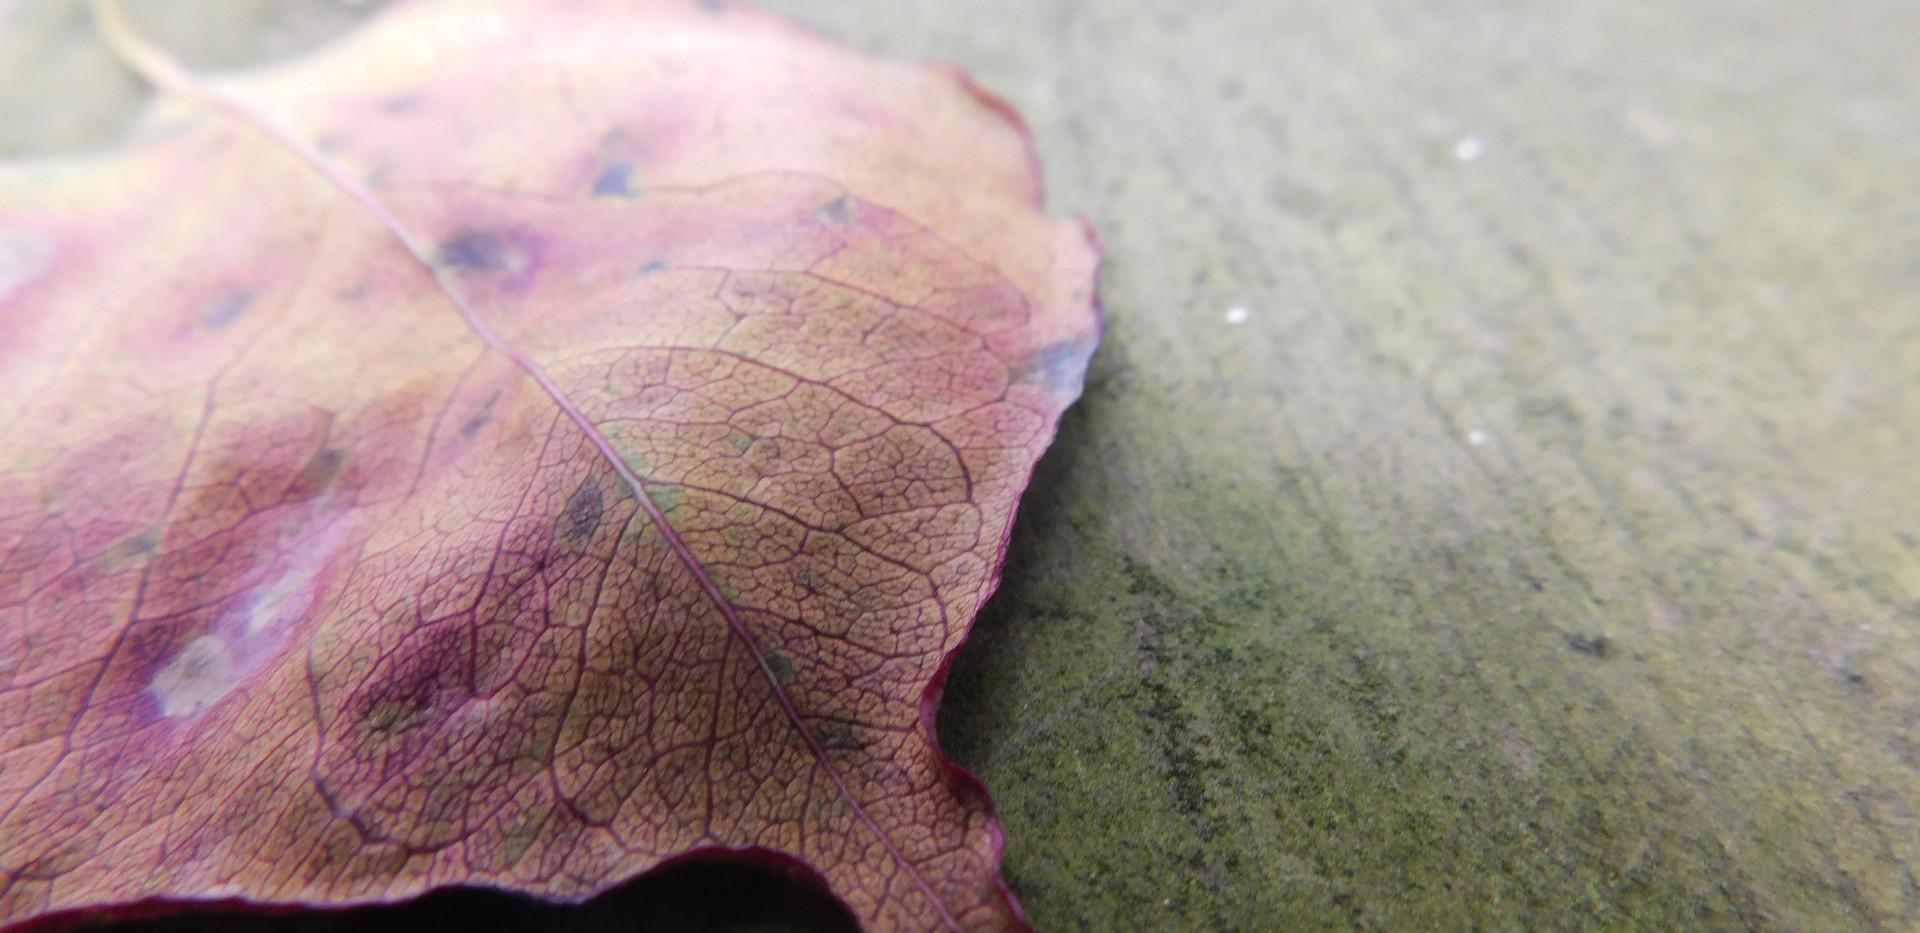 leaf texture.JPG